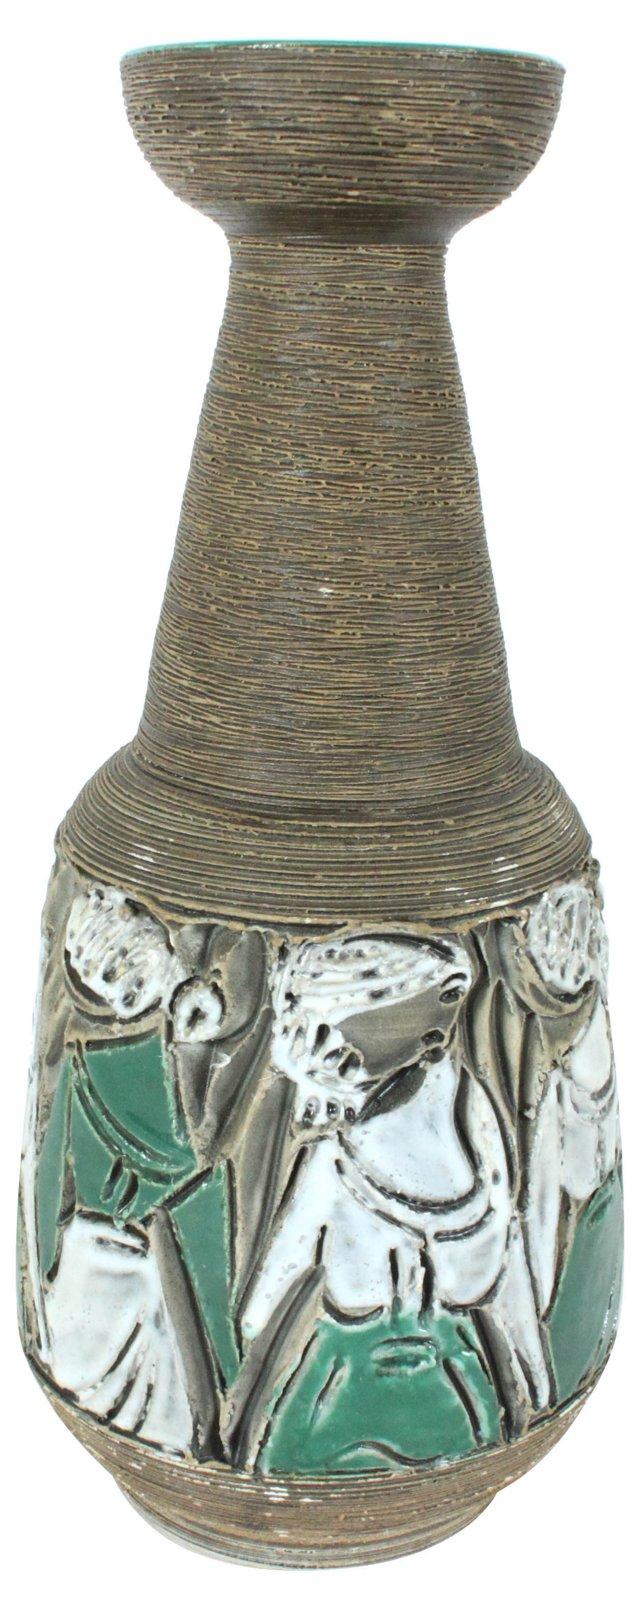 Ringsted Vase